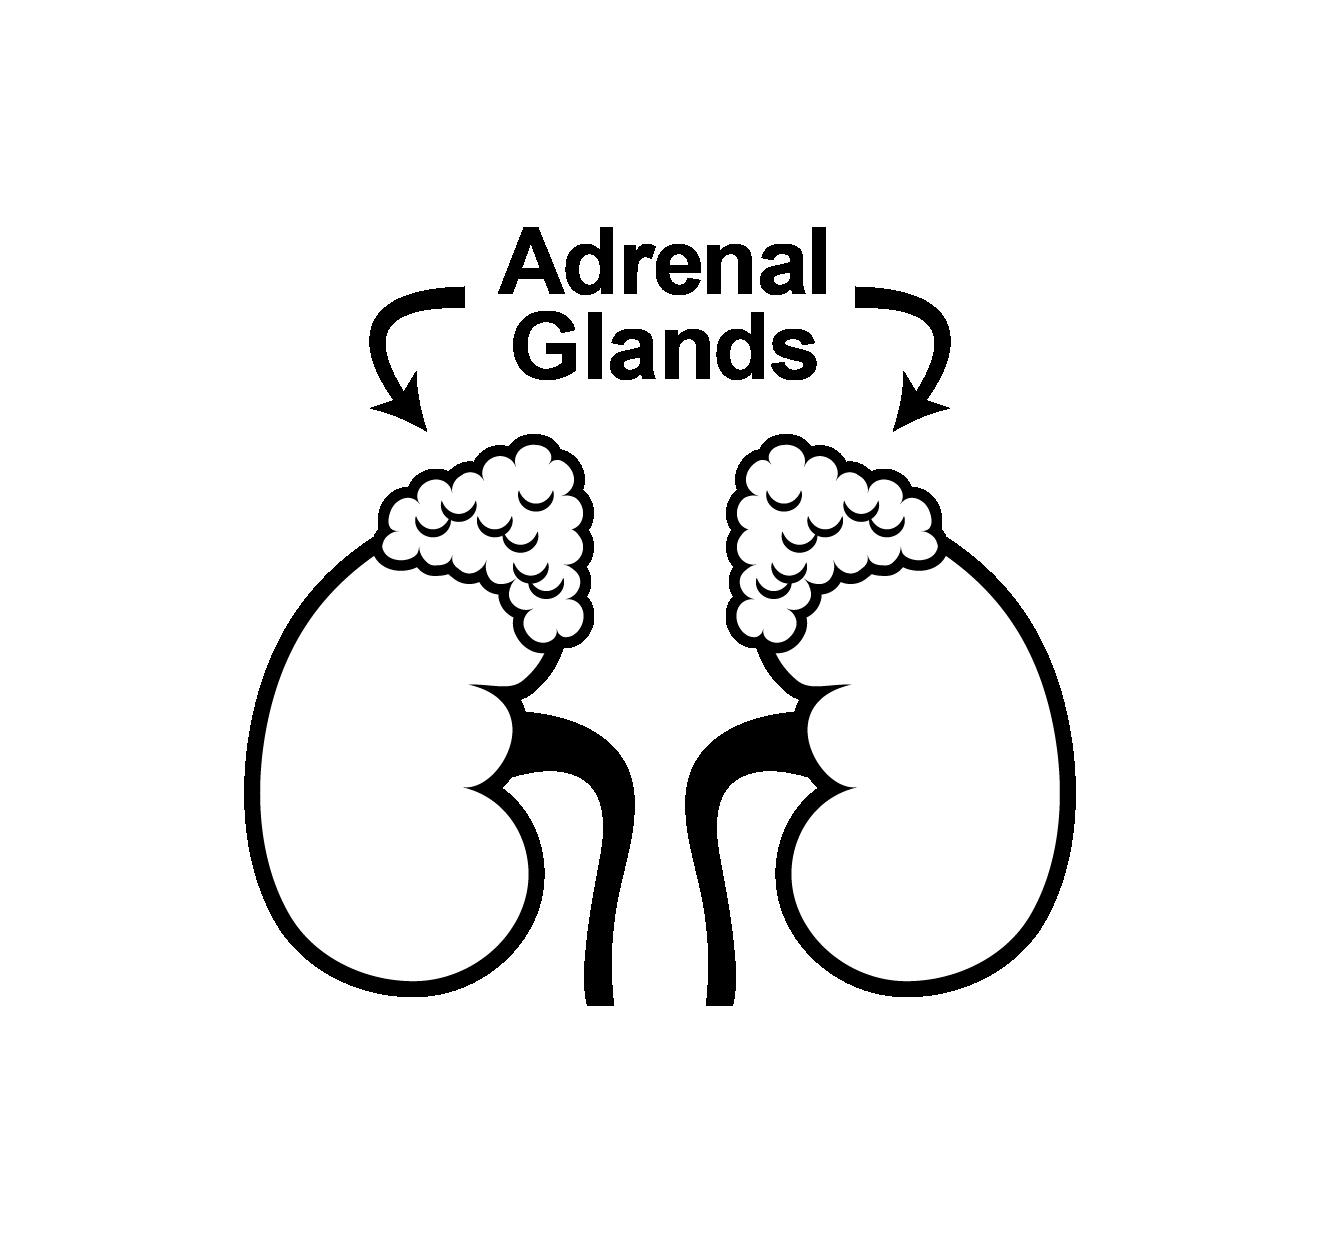 Adrenal glands_2.png